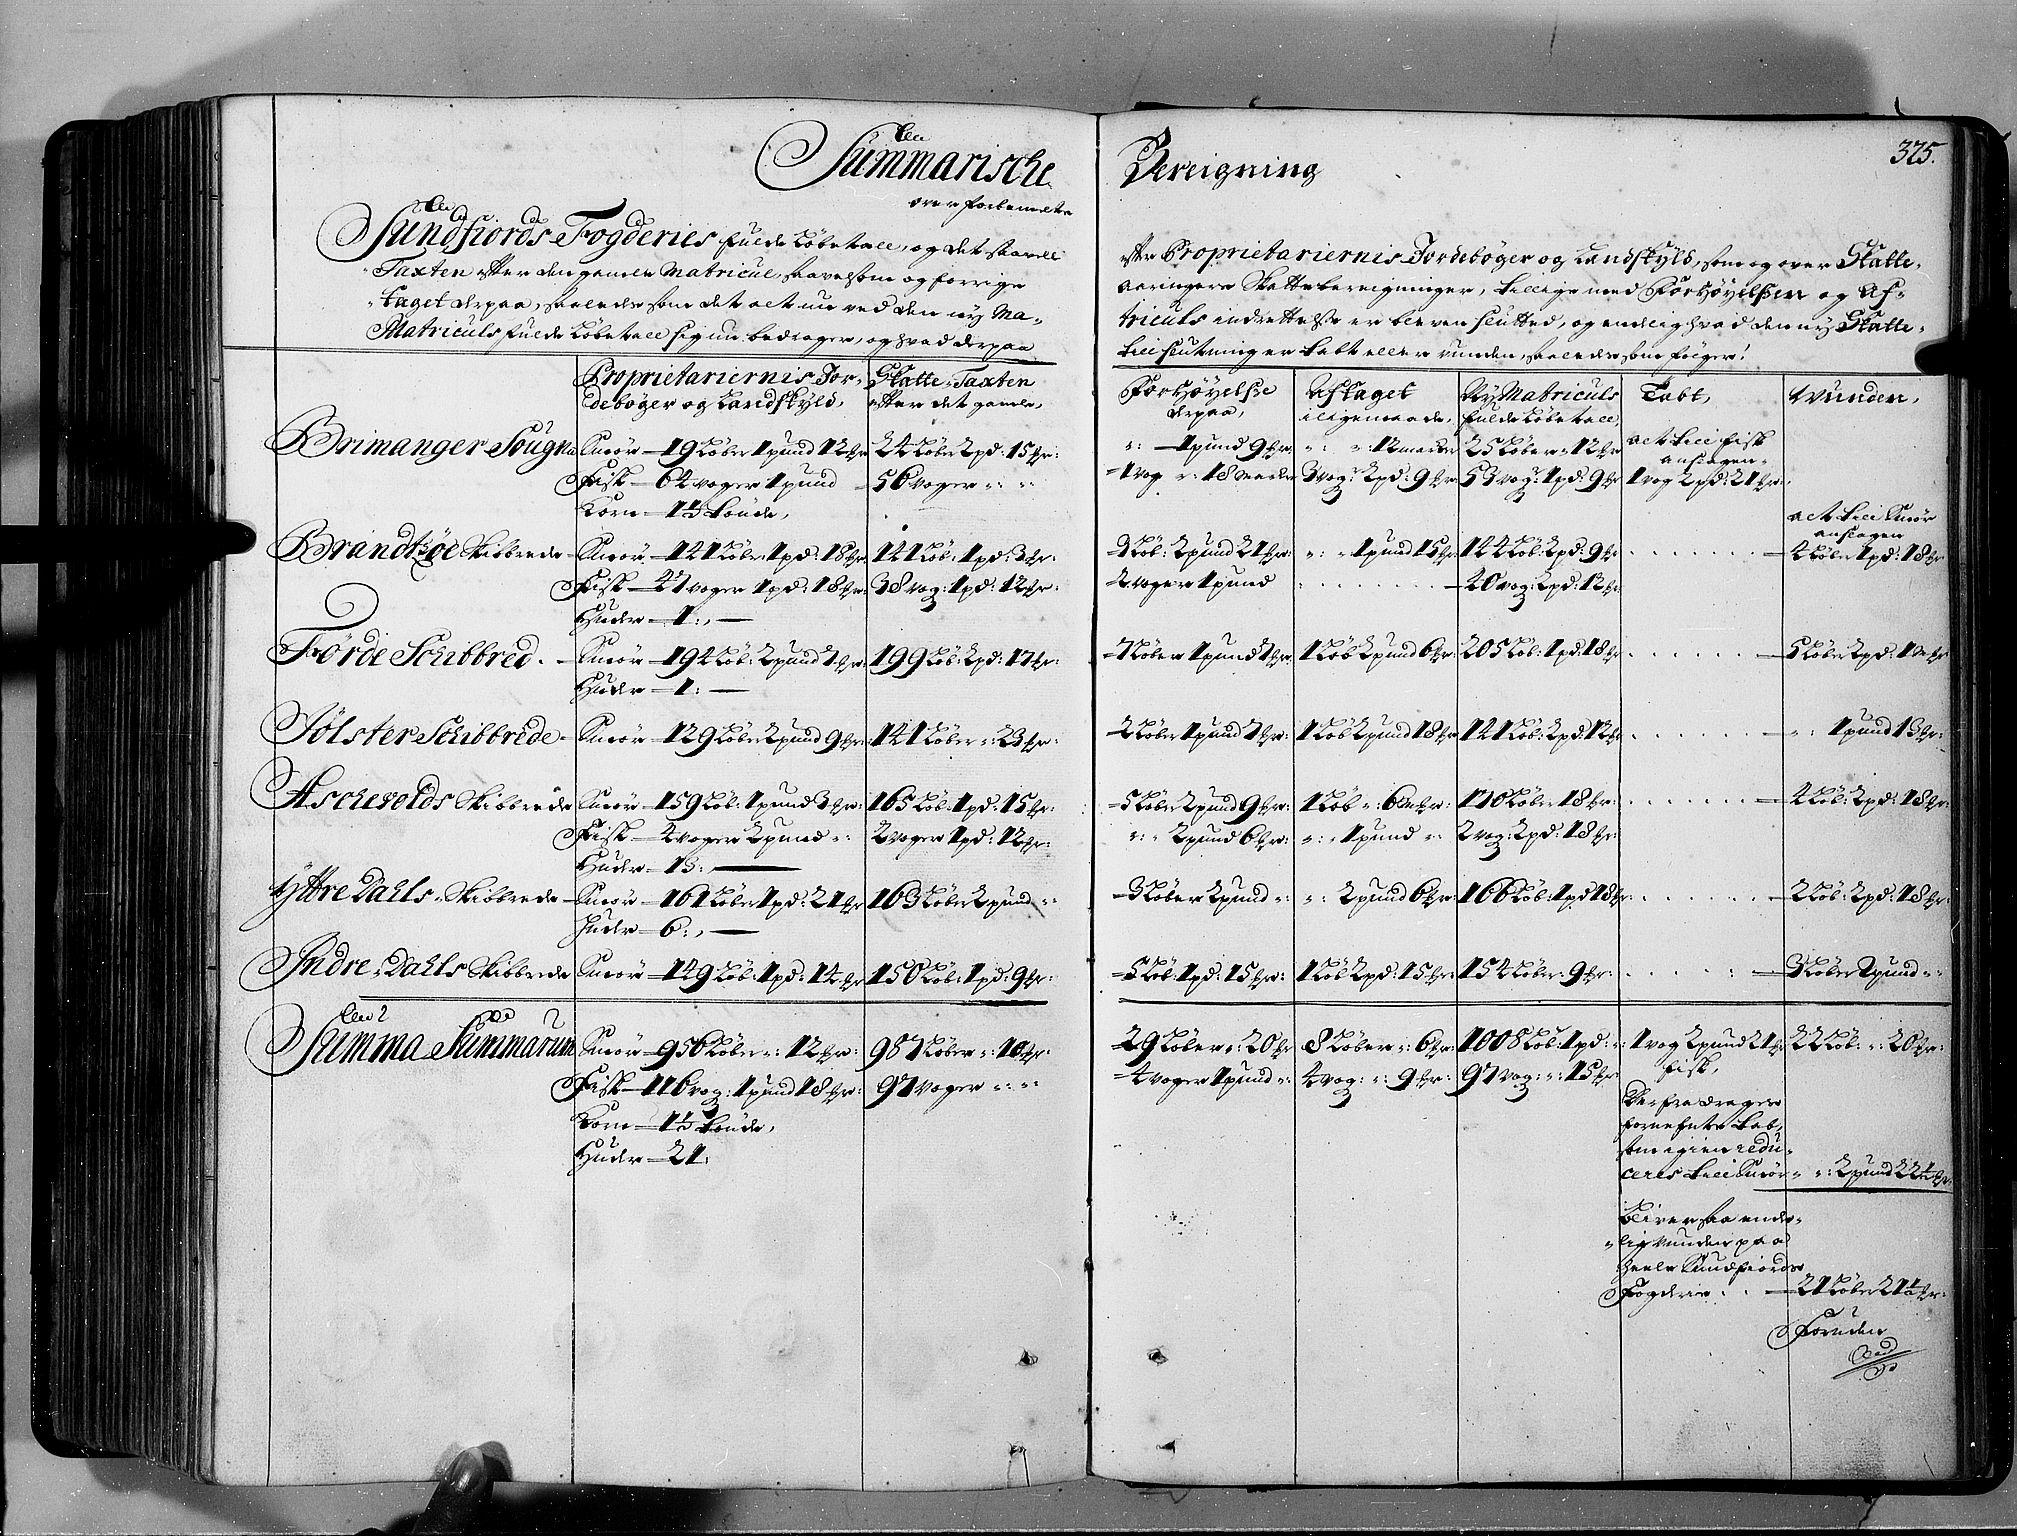 RA, Rentekammeret inntil 1814, Realistisk ordnet avdeling, N/Nb/Nbf/L0146: Sunnfjord og Nordfjord eksaminasjonsprotokoll, 1723, s. 324b-325a